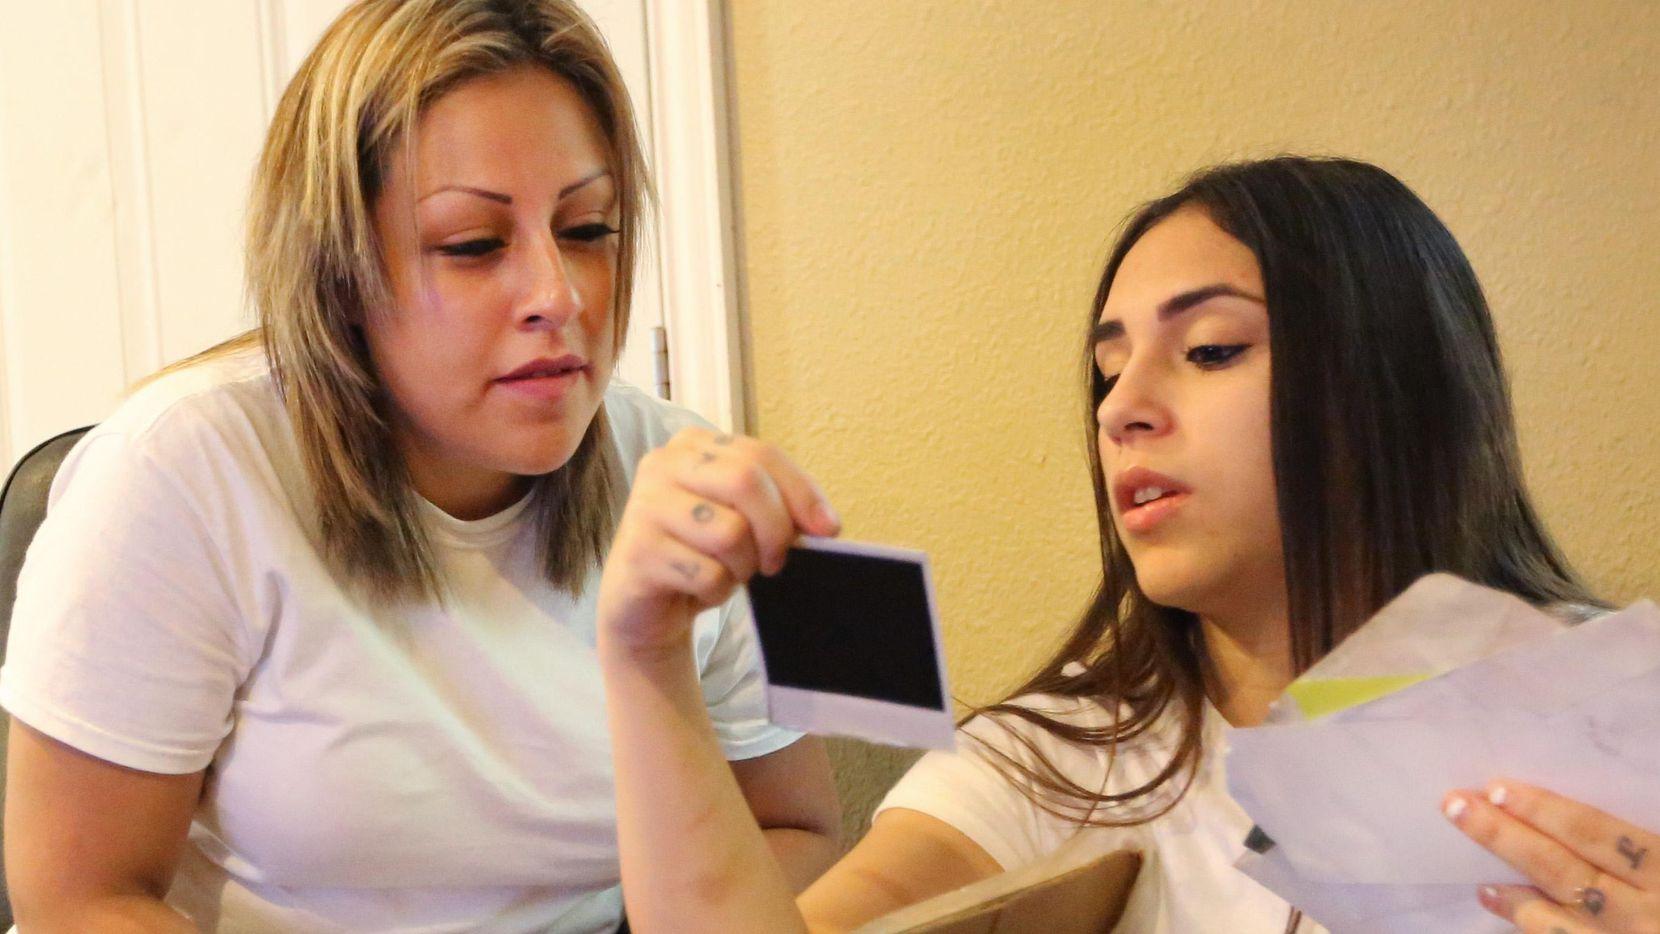 Daisy Serrano (der.) y su prima Dulce Domínguez ven fotos de la familia. Tras encontrarse por redes sociales, juntas ayudaron a reactivar el caso de la muerte de la madre de Daisy. LOUIS DeLUCA/DMN